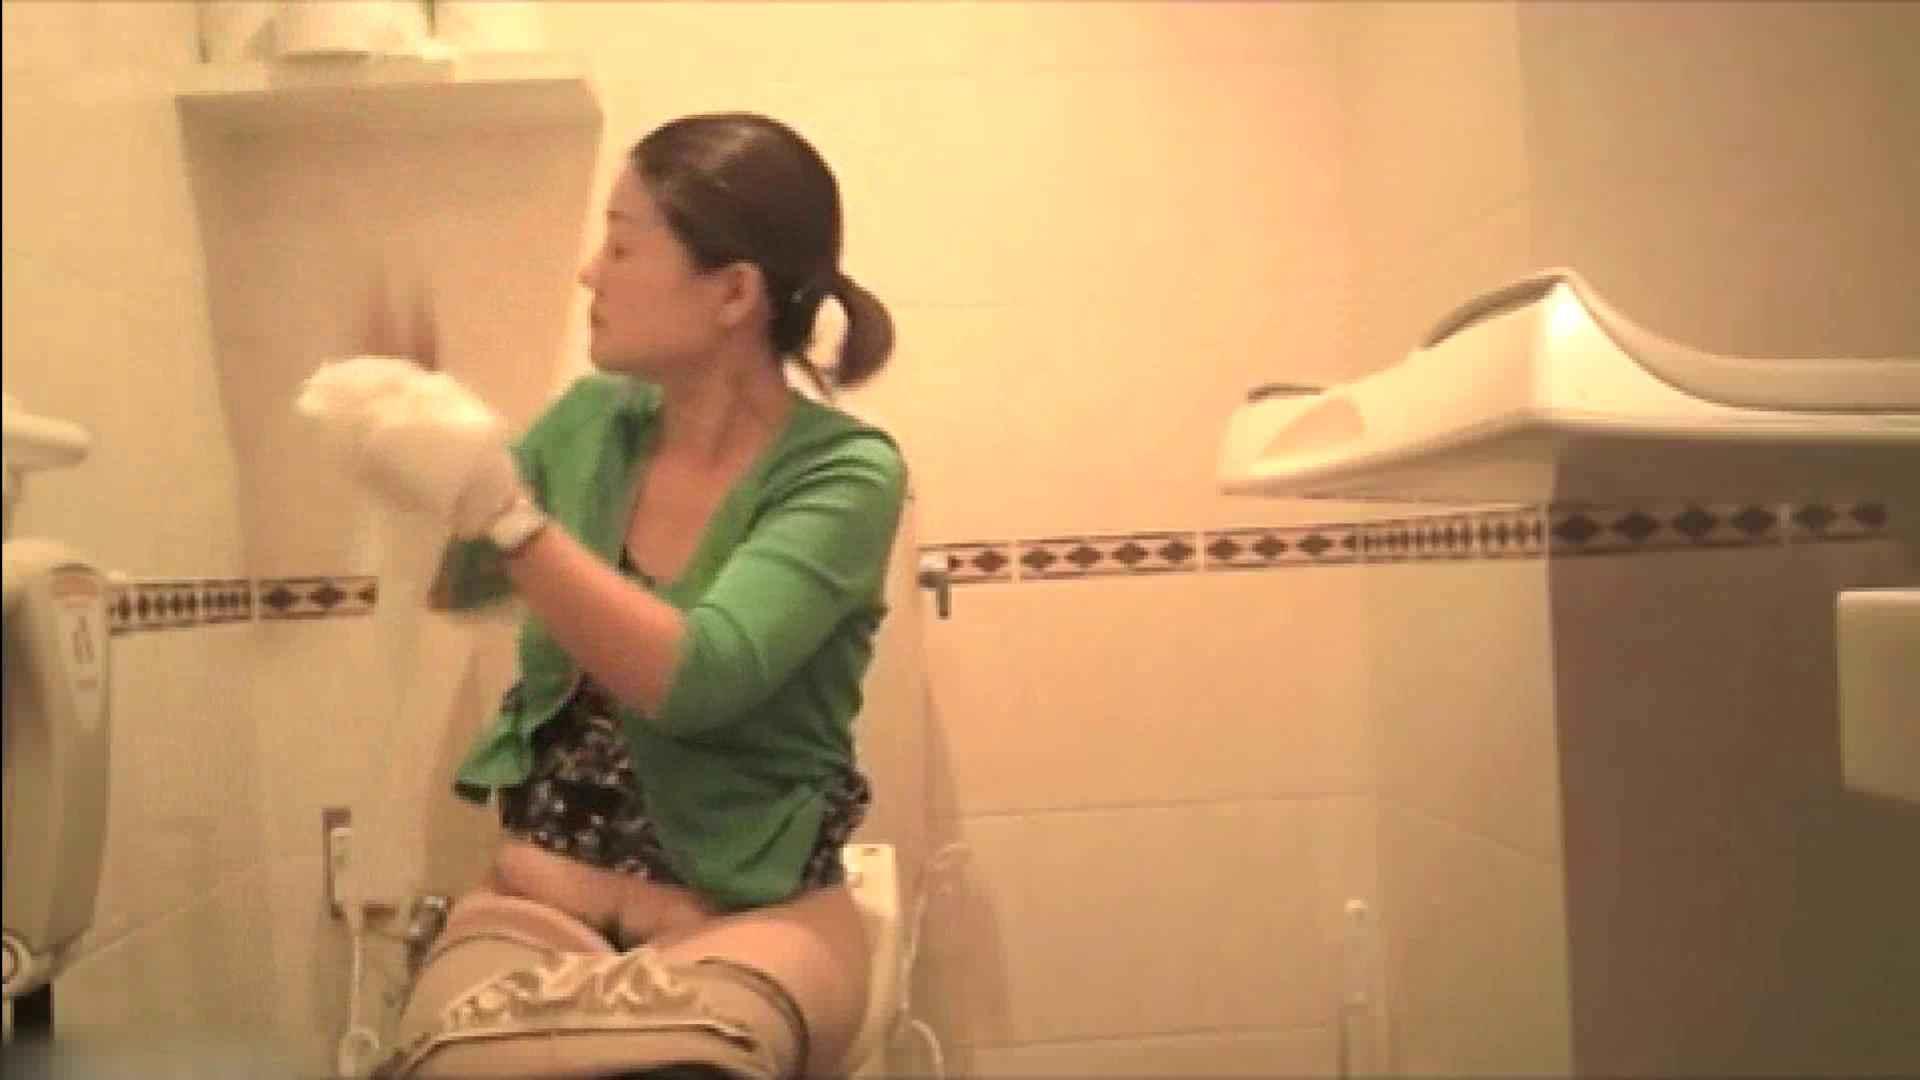 実録!!綺麗なお姉さんのトイレ事情・・・。vol.19 独身エッチOL   お姉さんの女体  22pic 21